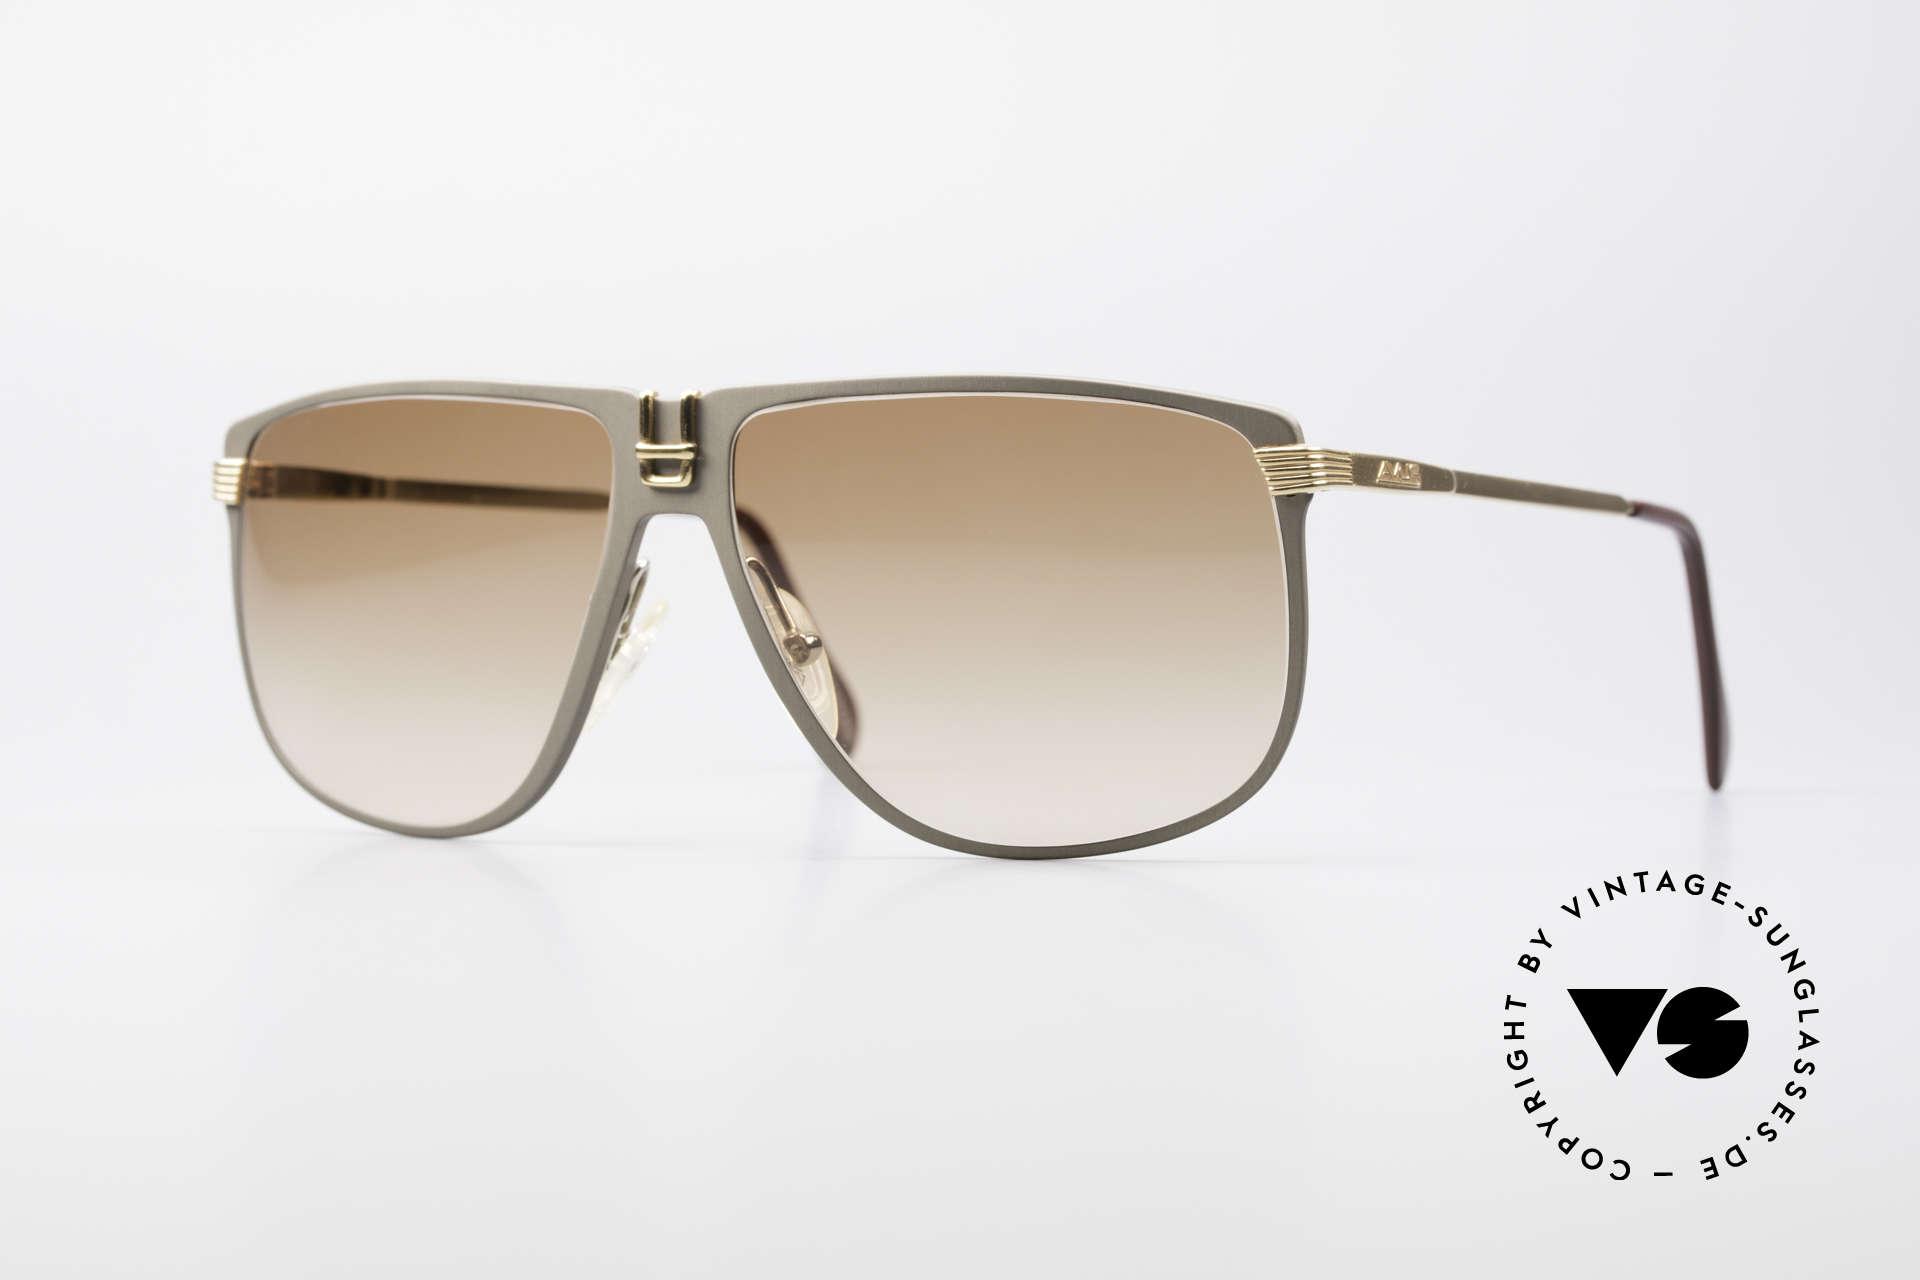 AVUS 210-30 West Germany Sunglasses, handmade AVUS vintage 1980's designer sunglasses, Made for Men